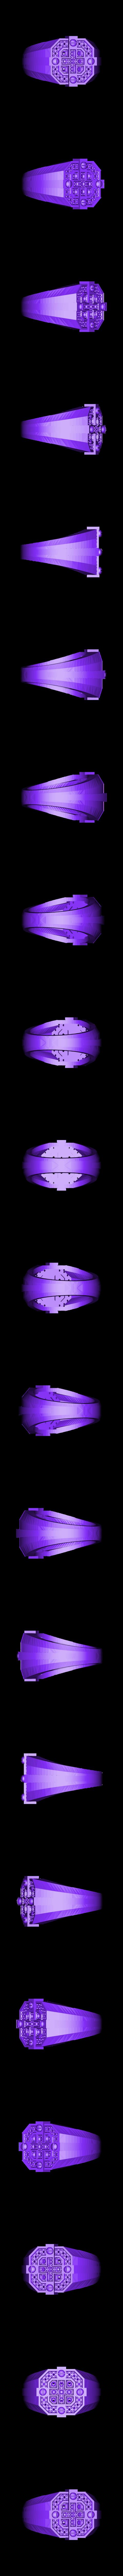 2193.stl Download STL file Mens Band Ring 3D CAD Design In STL Format • 3D printer object, VR3D